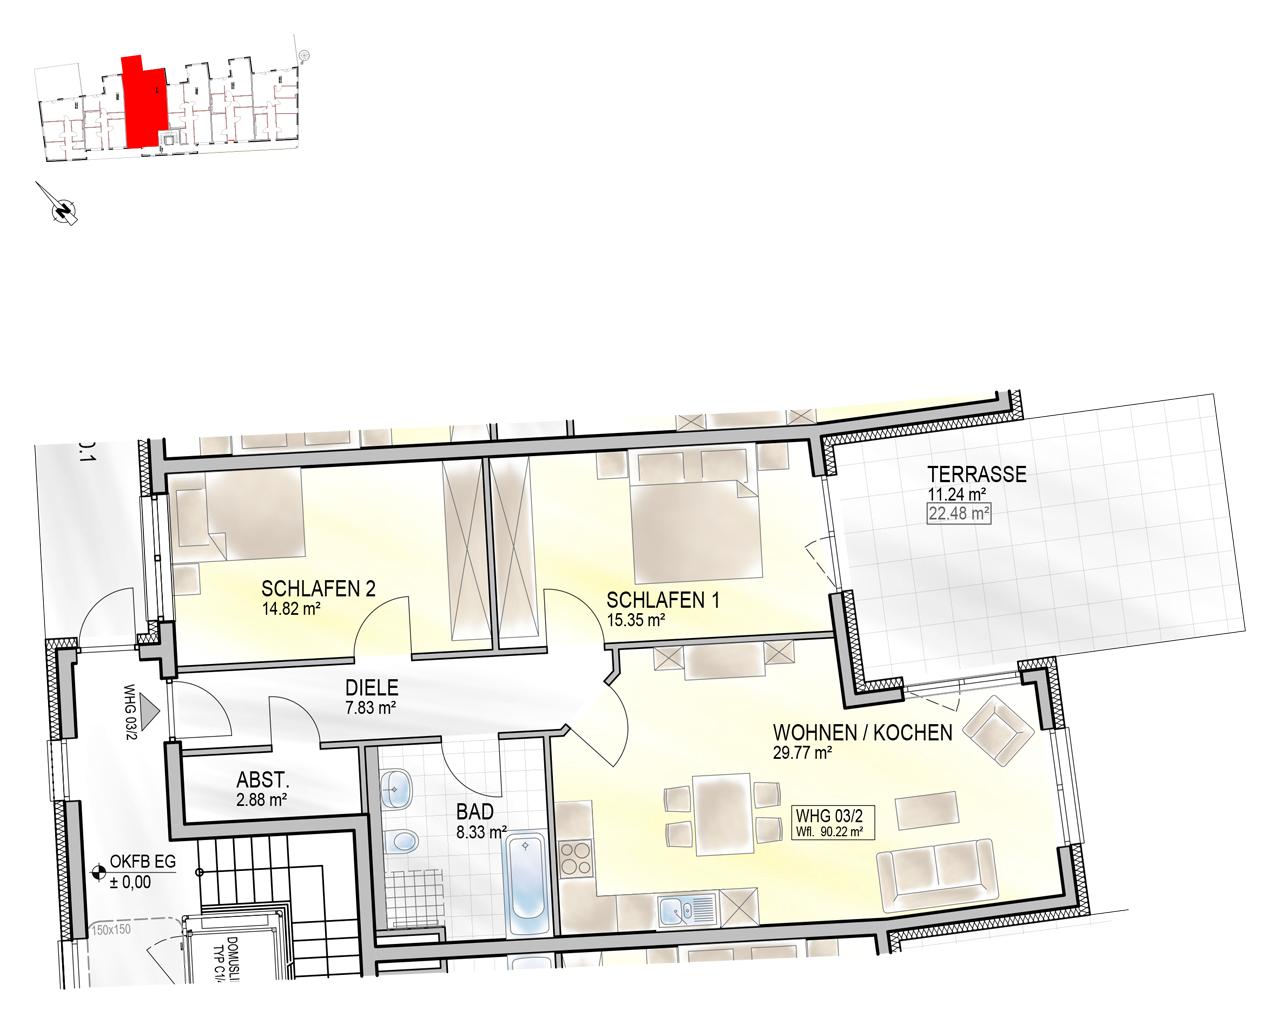 Nr. 03/2 - EG - 3 Zimmer - 90,16m² - 351.900 €